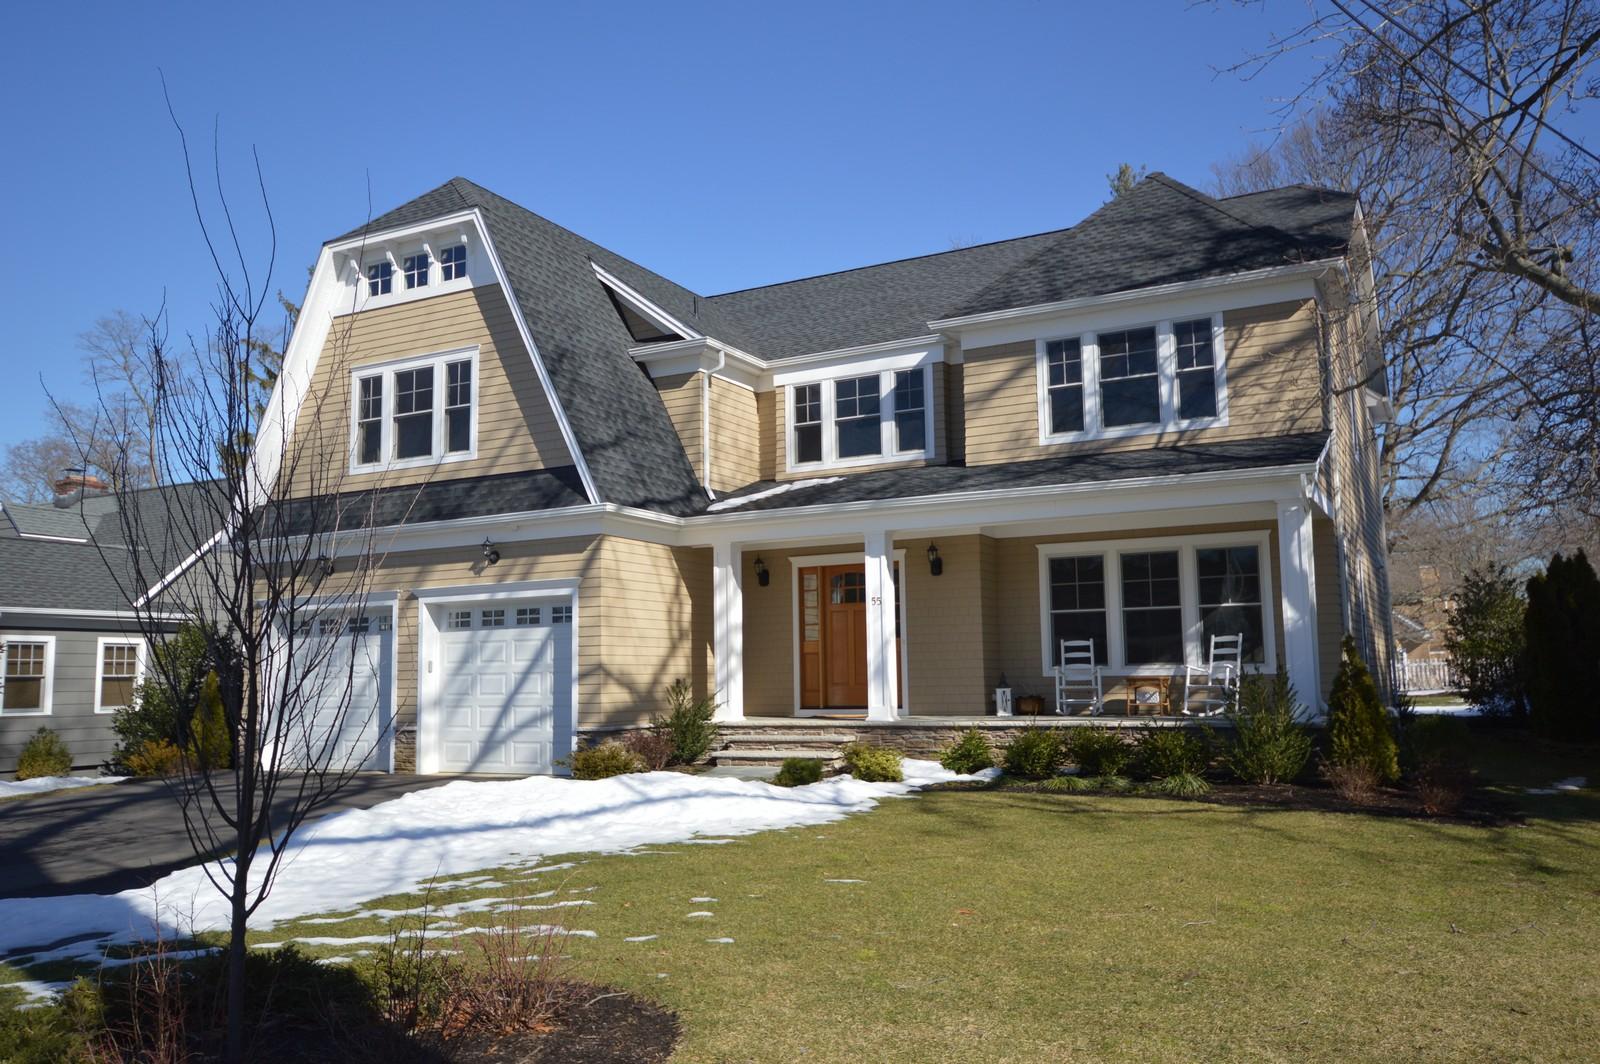 Частный односемейный дом для того Продажа на Quality New Construction 55 Bingham Ave. Rumson, Нью-Джерси 07760 Соединенные Штаты